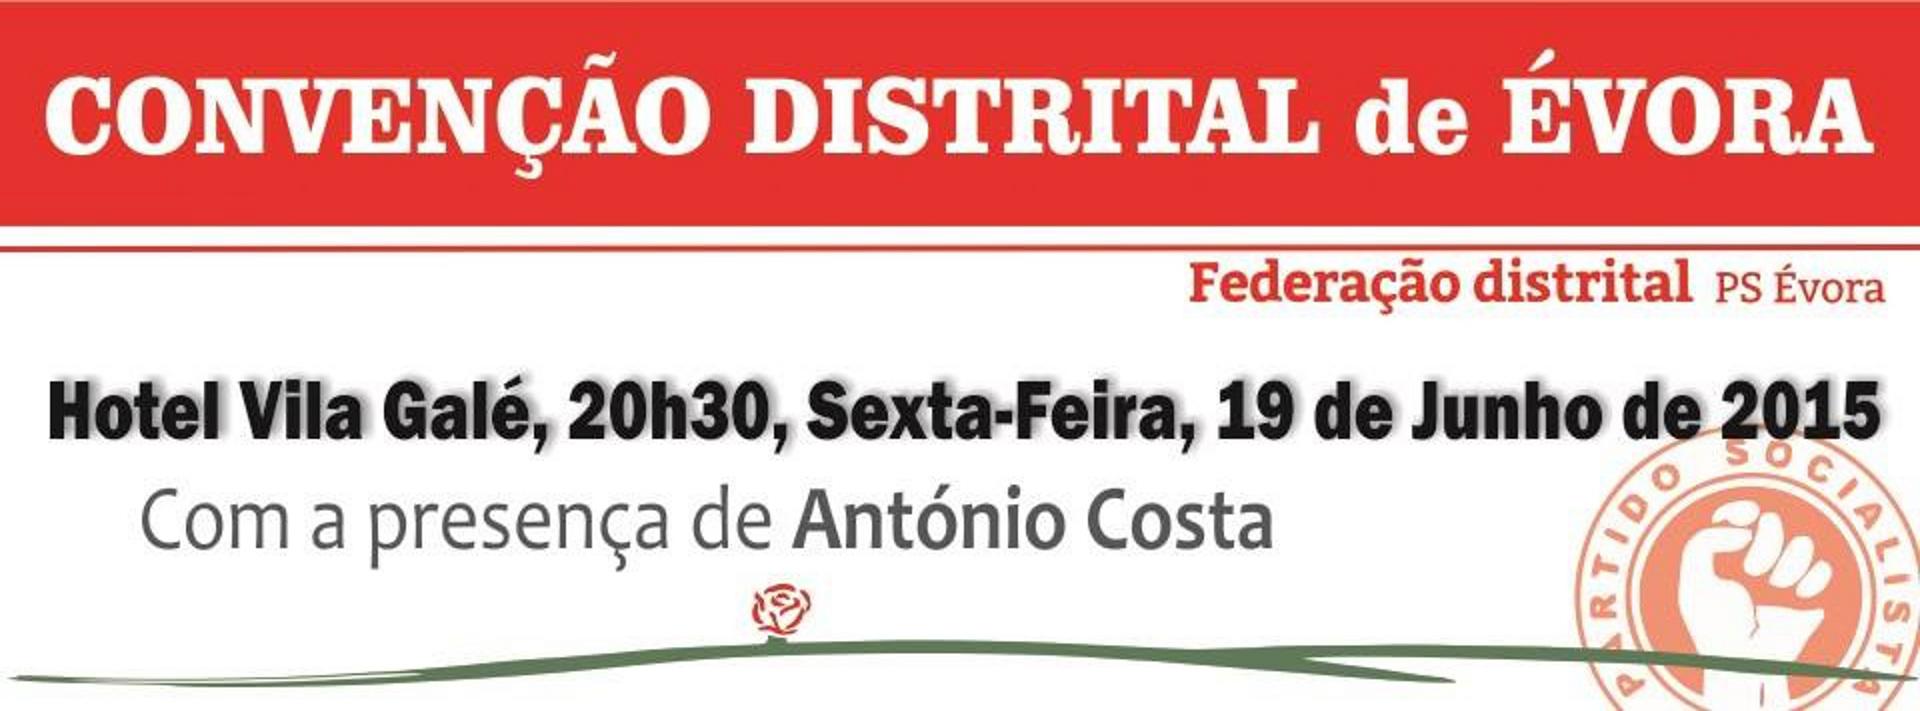 Convenção Distrital de Évora 2015 (1920x711)